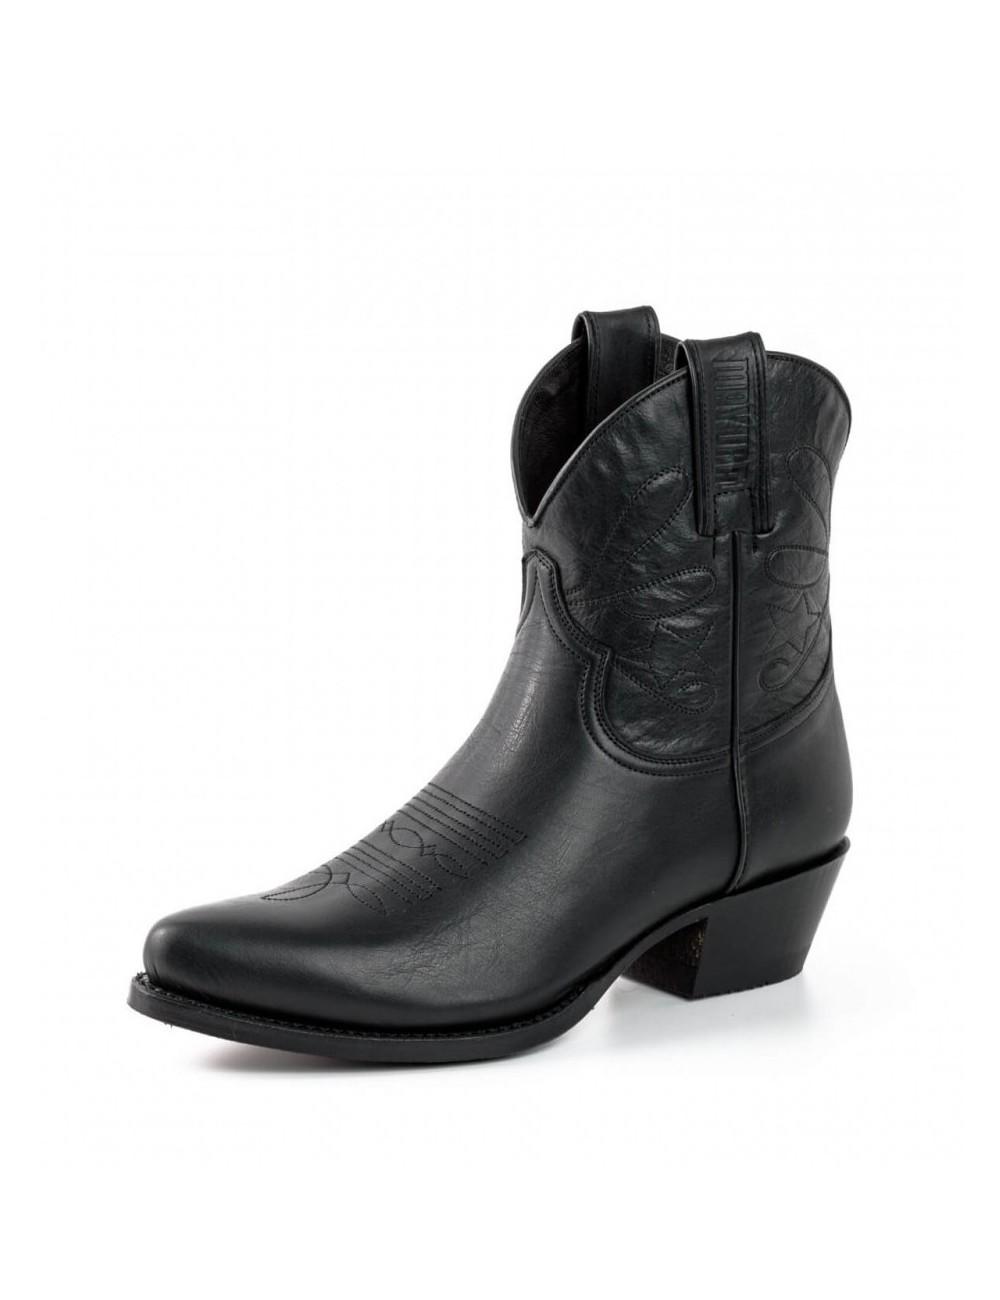 une autre chance profiter de prix pas cher meilleurs prix Santiag femme courte cuir noir